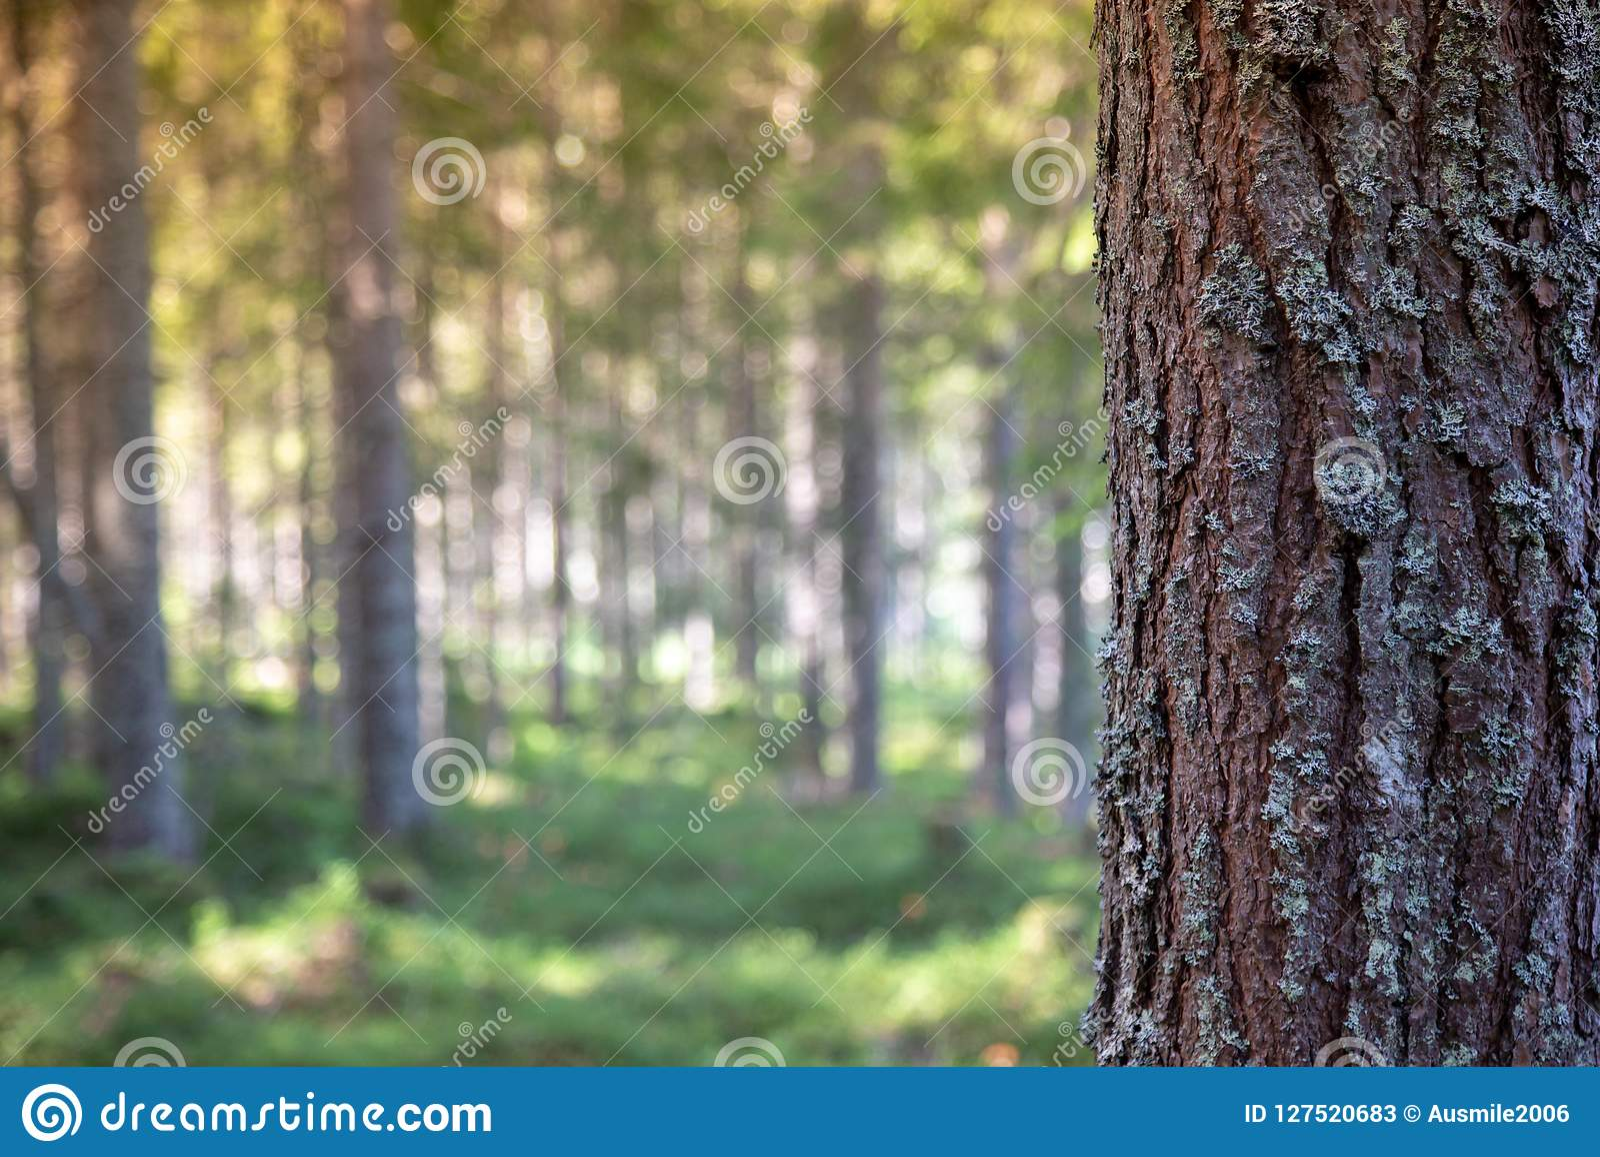 Schors van boom in bos voor tekstbericht